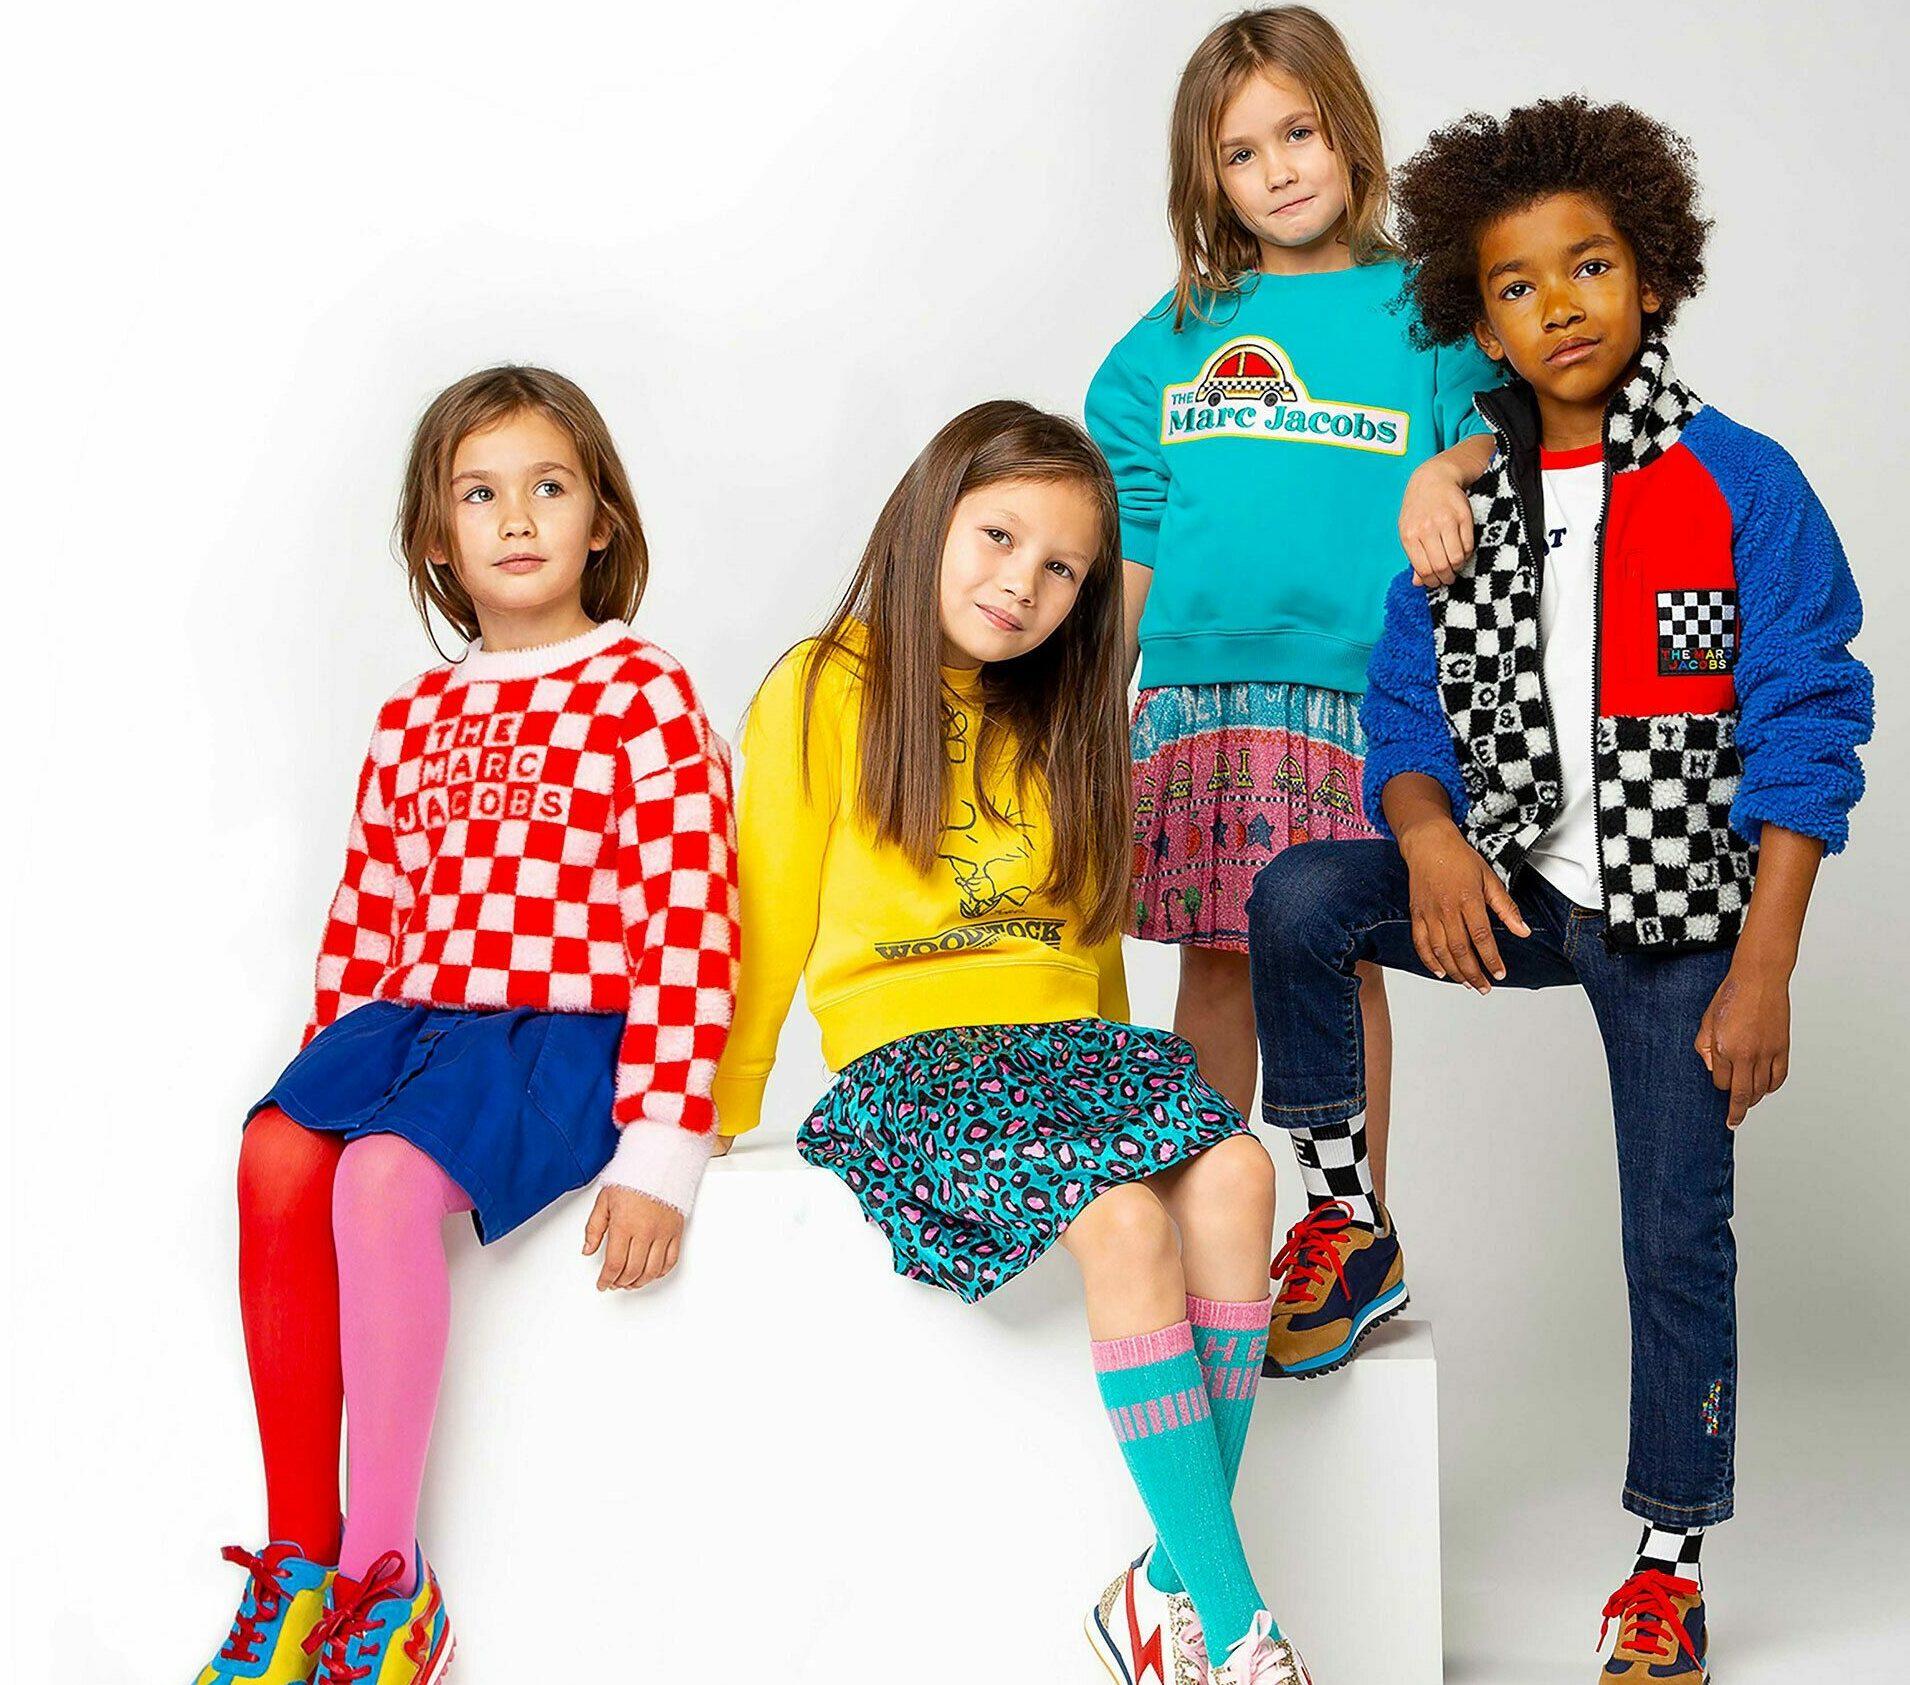 Enfants Rois, Concept Store Habillement & Accessoire de luxe, De 0 à 16 ans